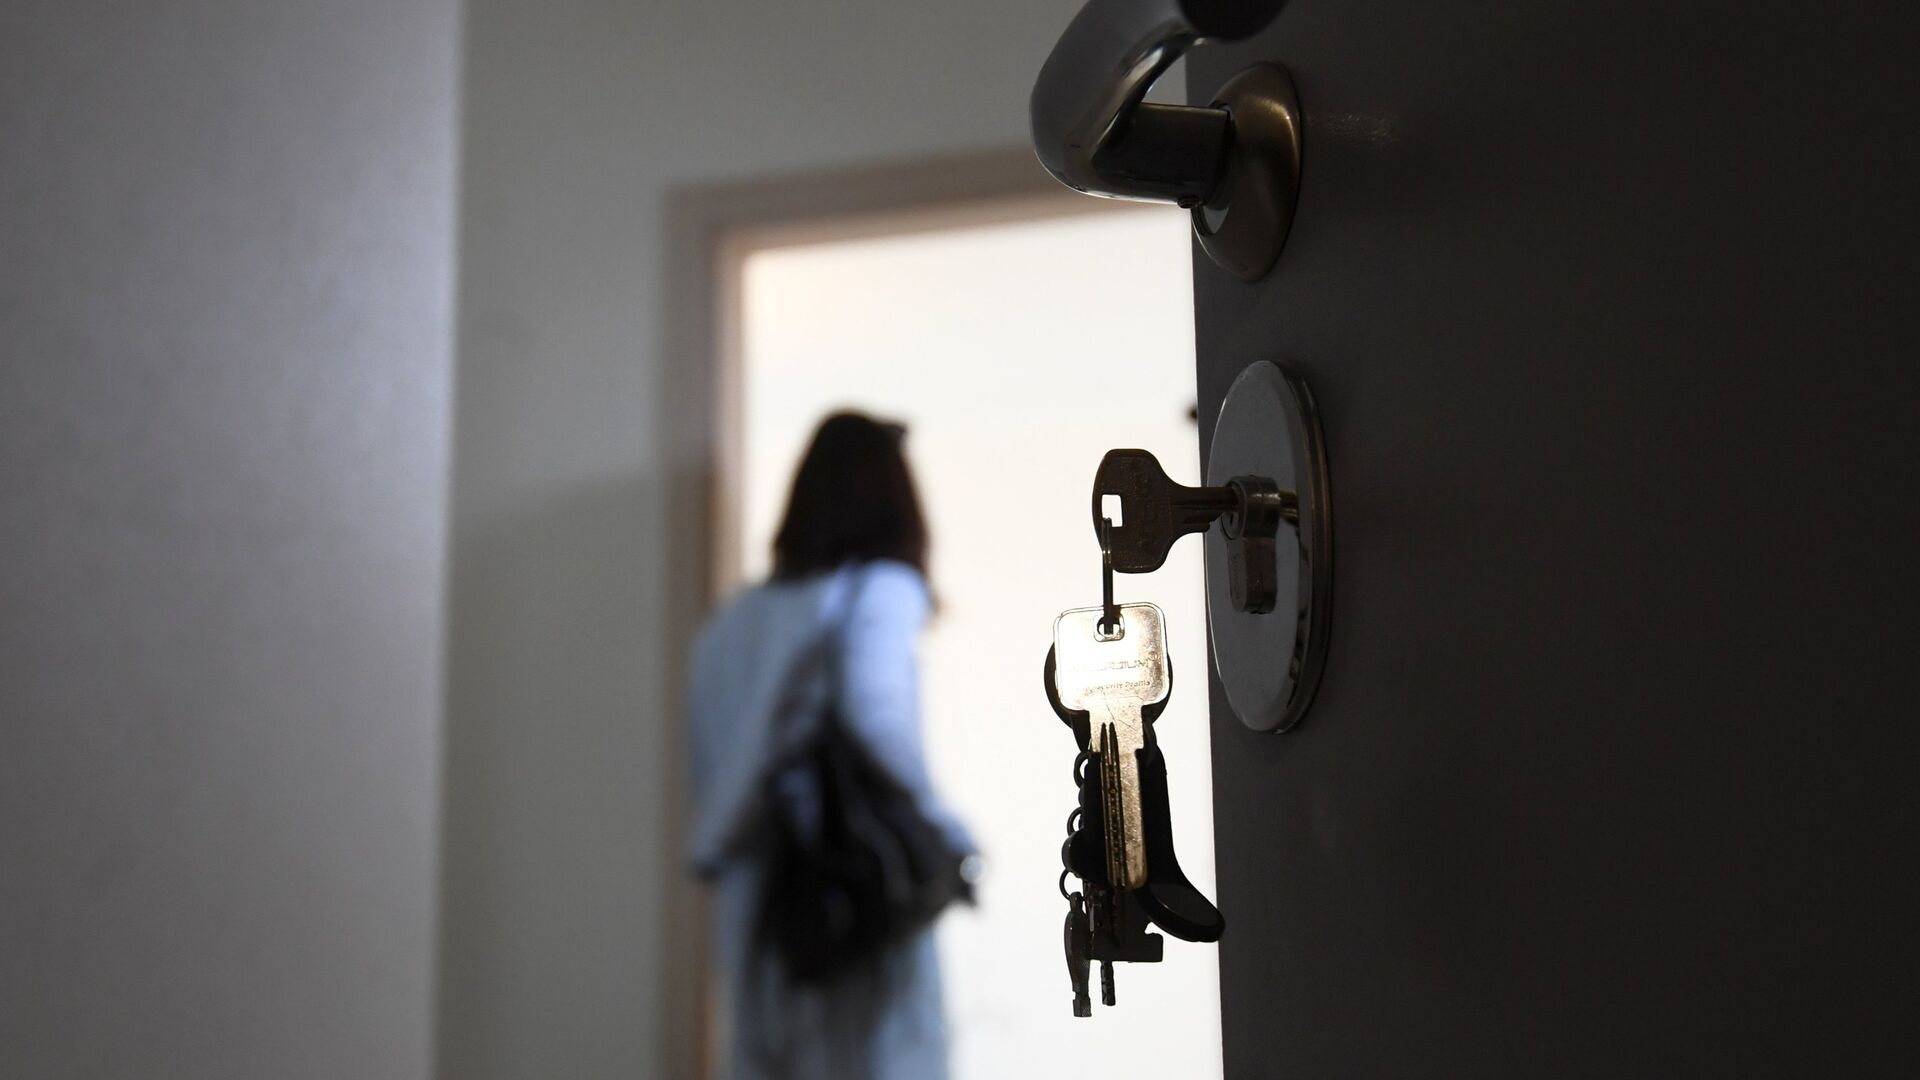 Входная дверь квартиры - РИА Новости, 1920, 14.01.2021